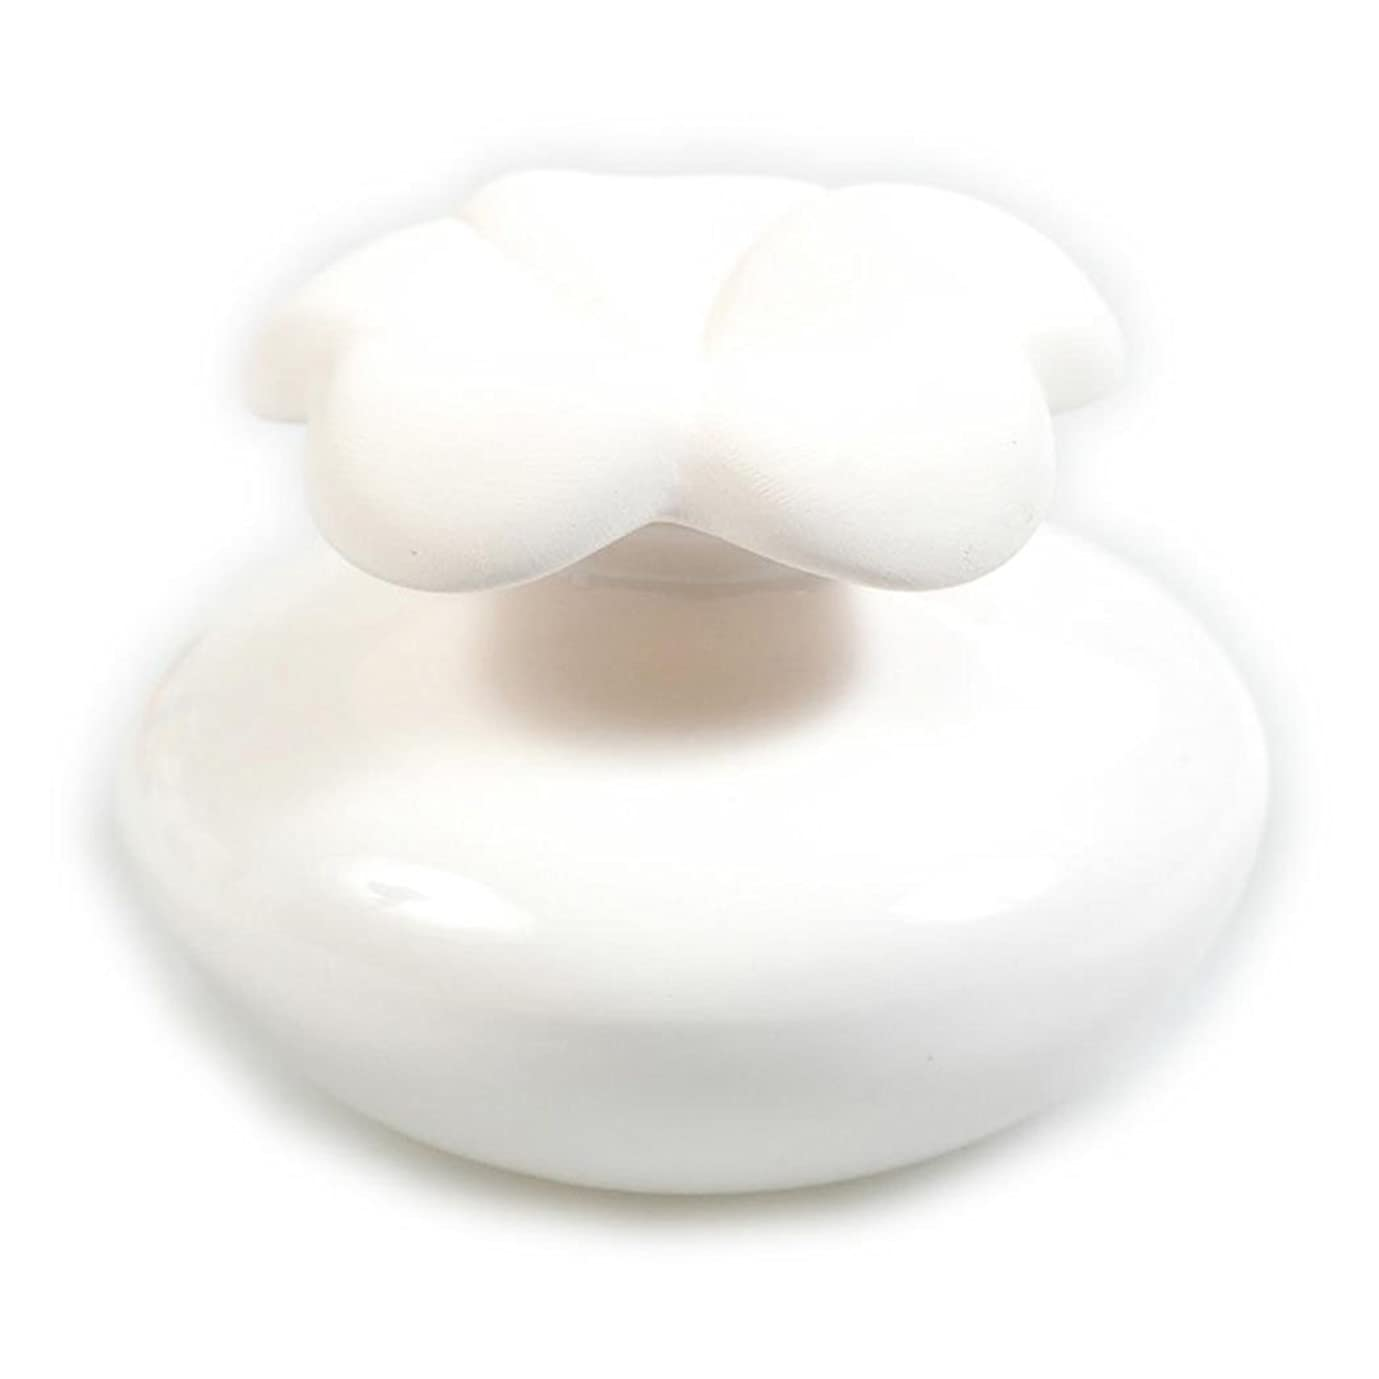 歌うフルーティー志すMillefiori FIORE ルームフレグランス用 花の形のセラミックディフューザー Sサイズ ホワイト LDIF-FS-001